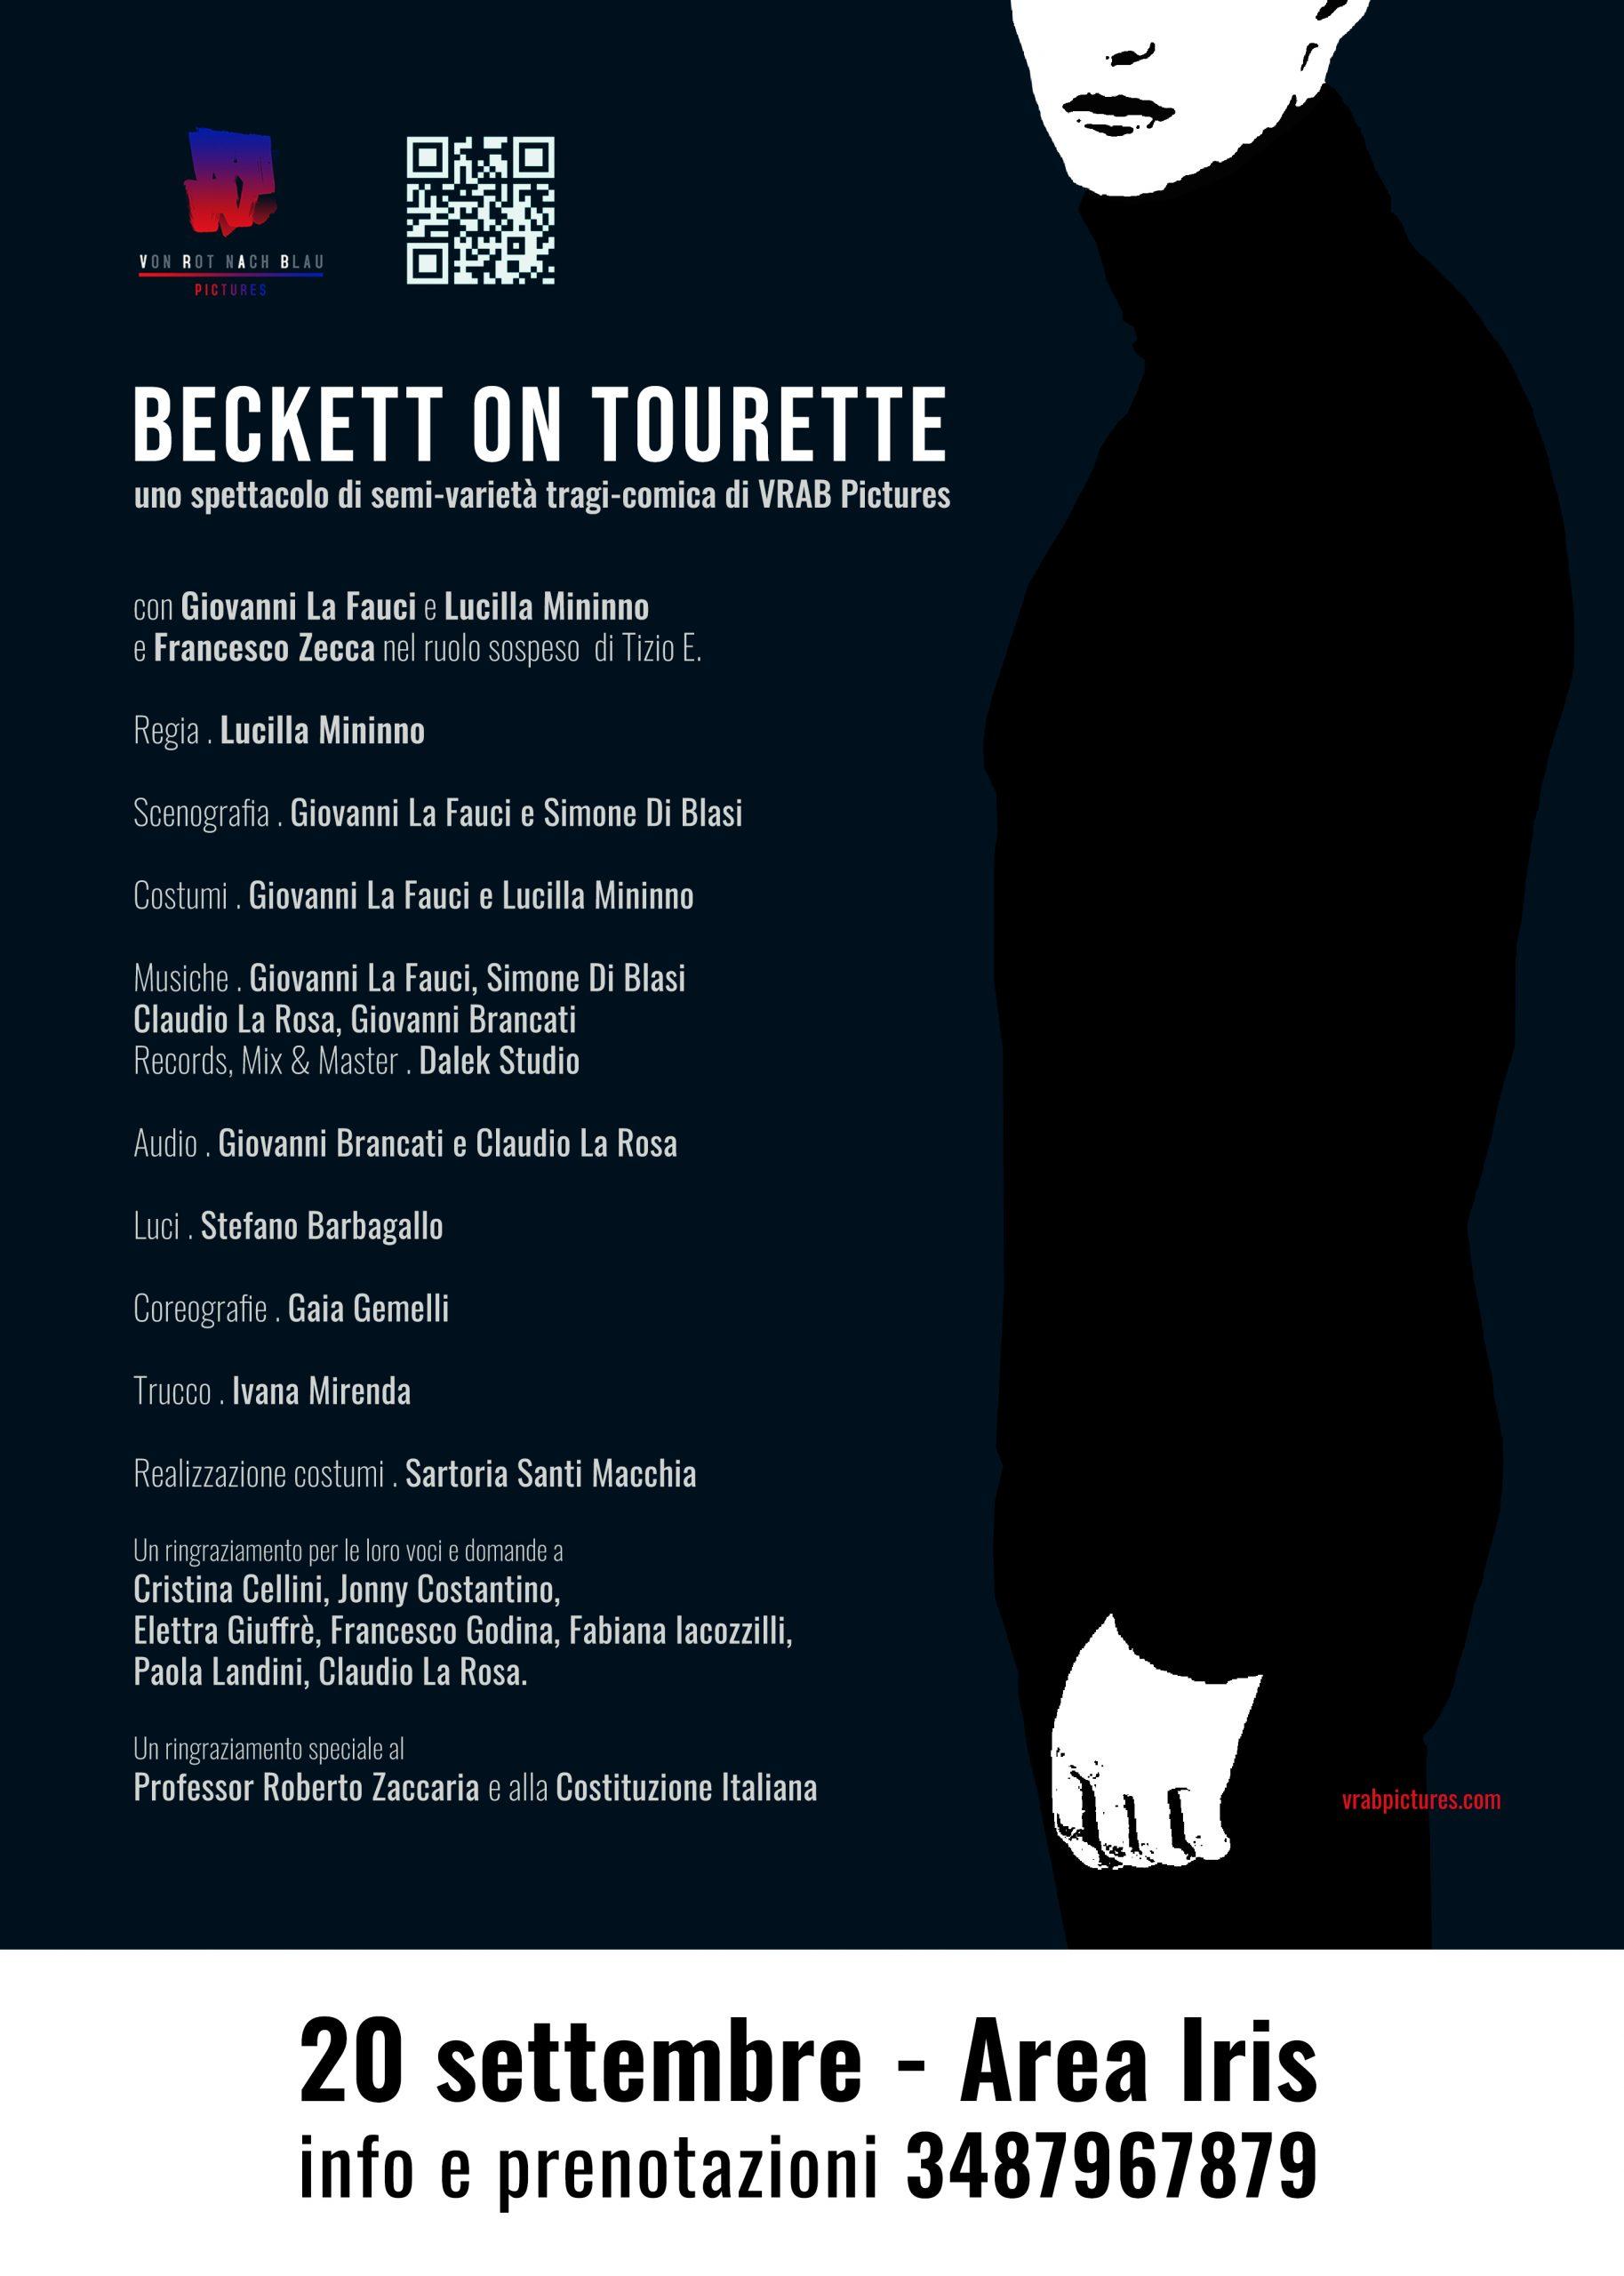 locandina di beckett on tourette al cortile teatro festival di messina